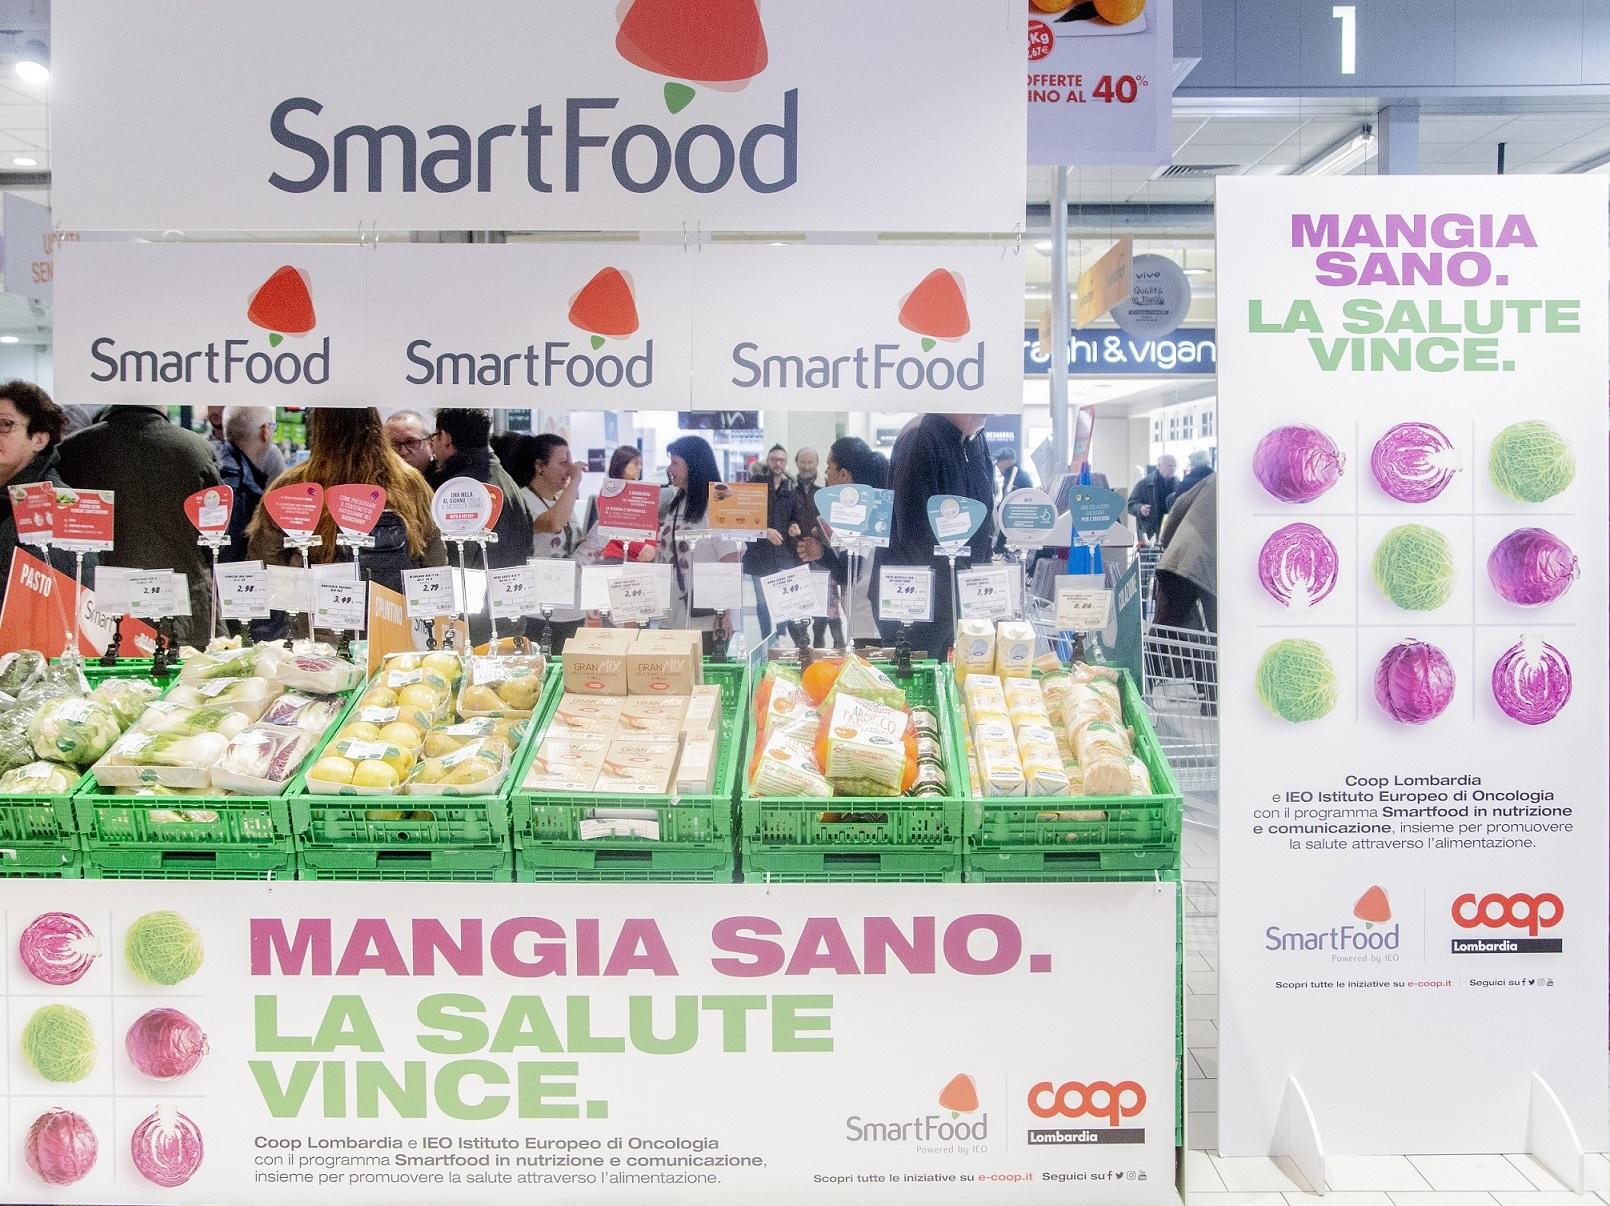 Isole Smartfood Coop Lombardia